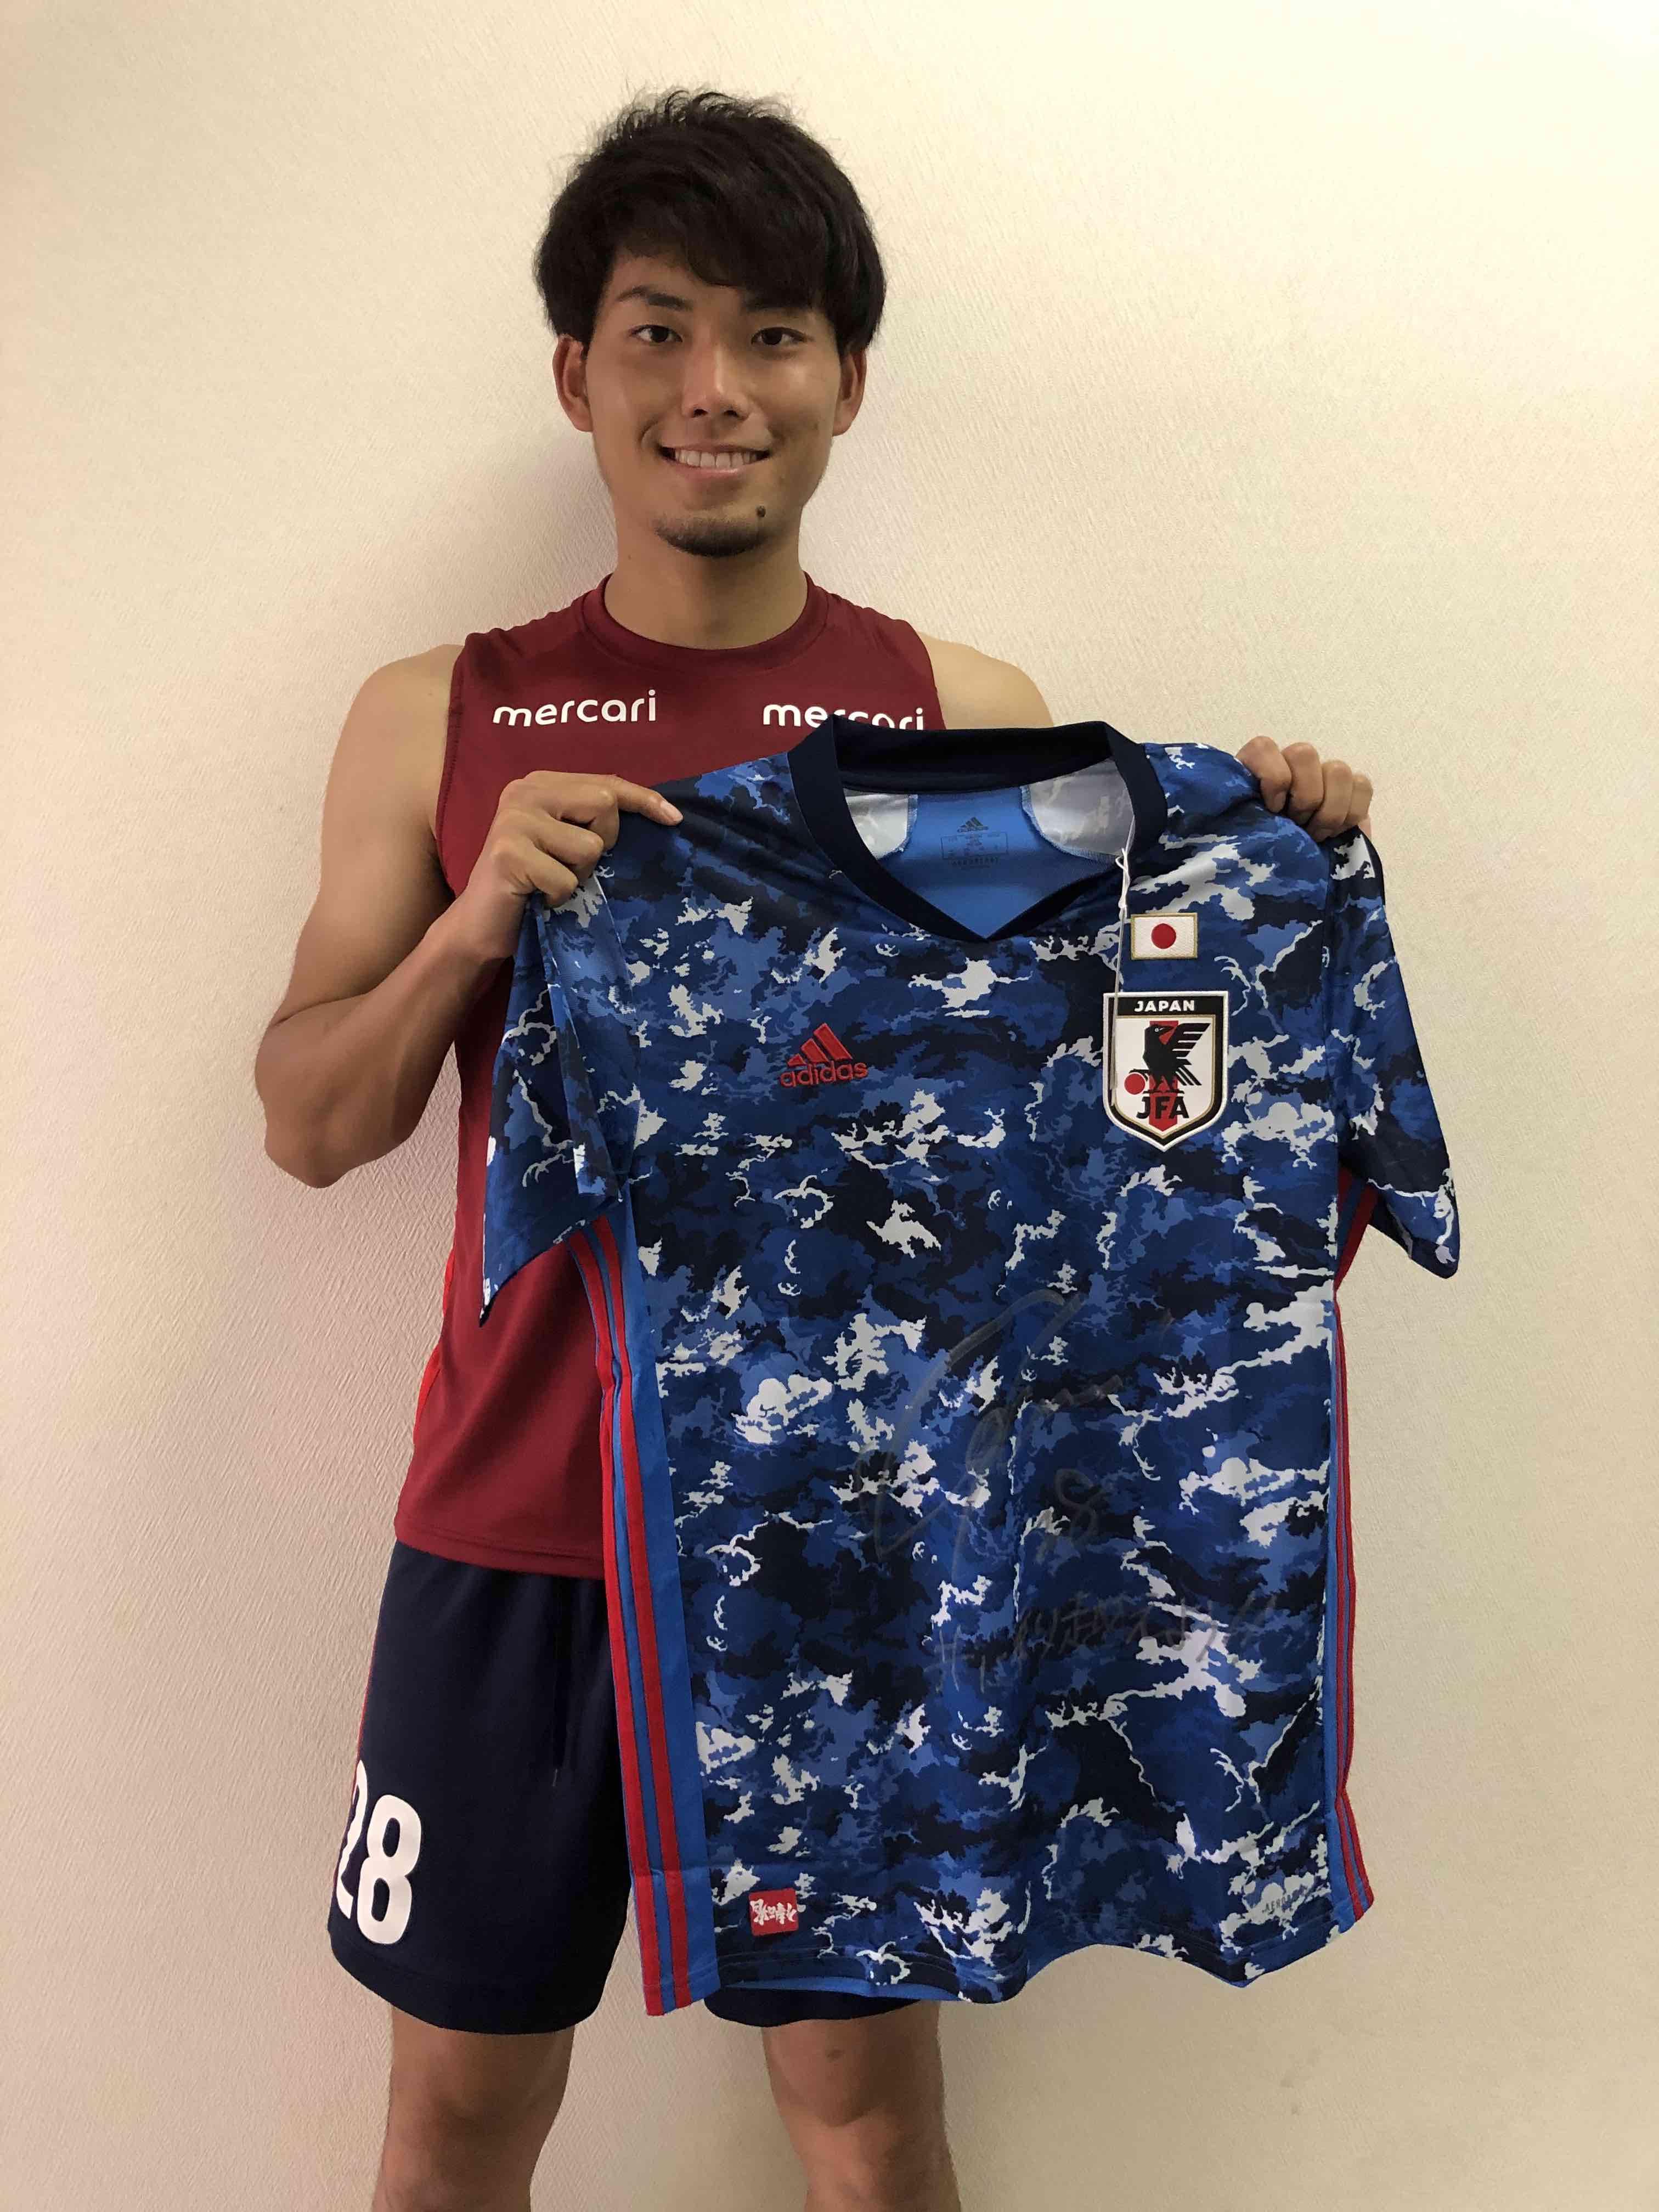 【直筆サイン入り公式】U-23日本代表 町田 浩樹 選手(鹿島アントラーズ)